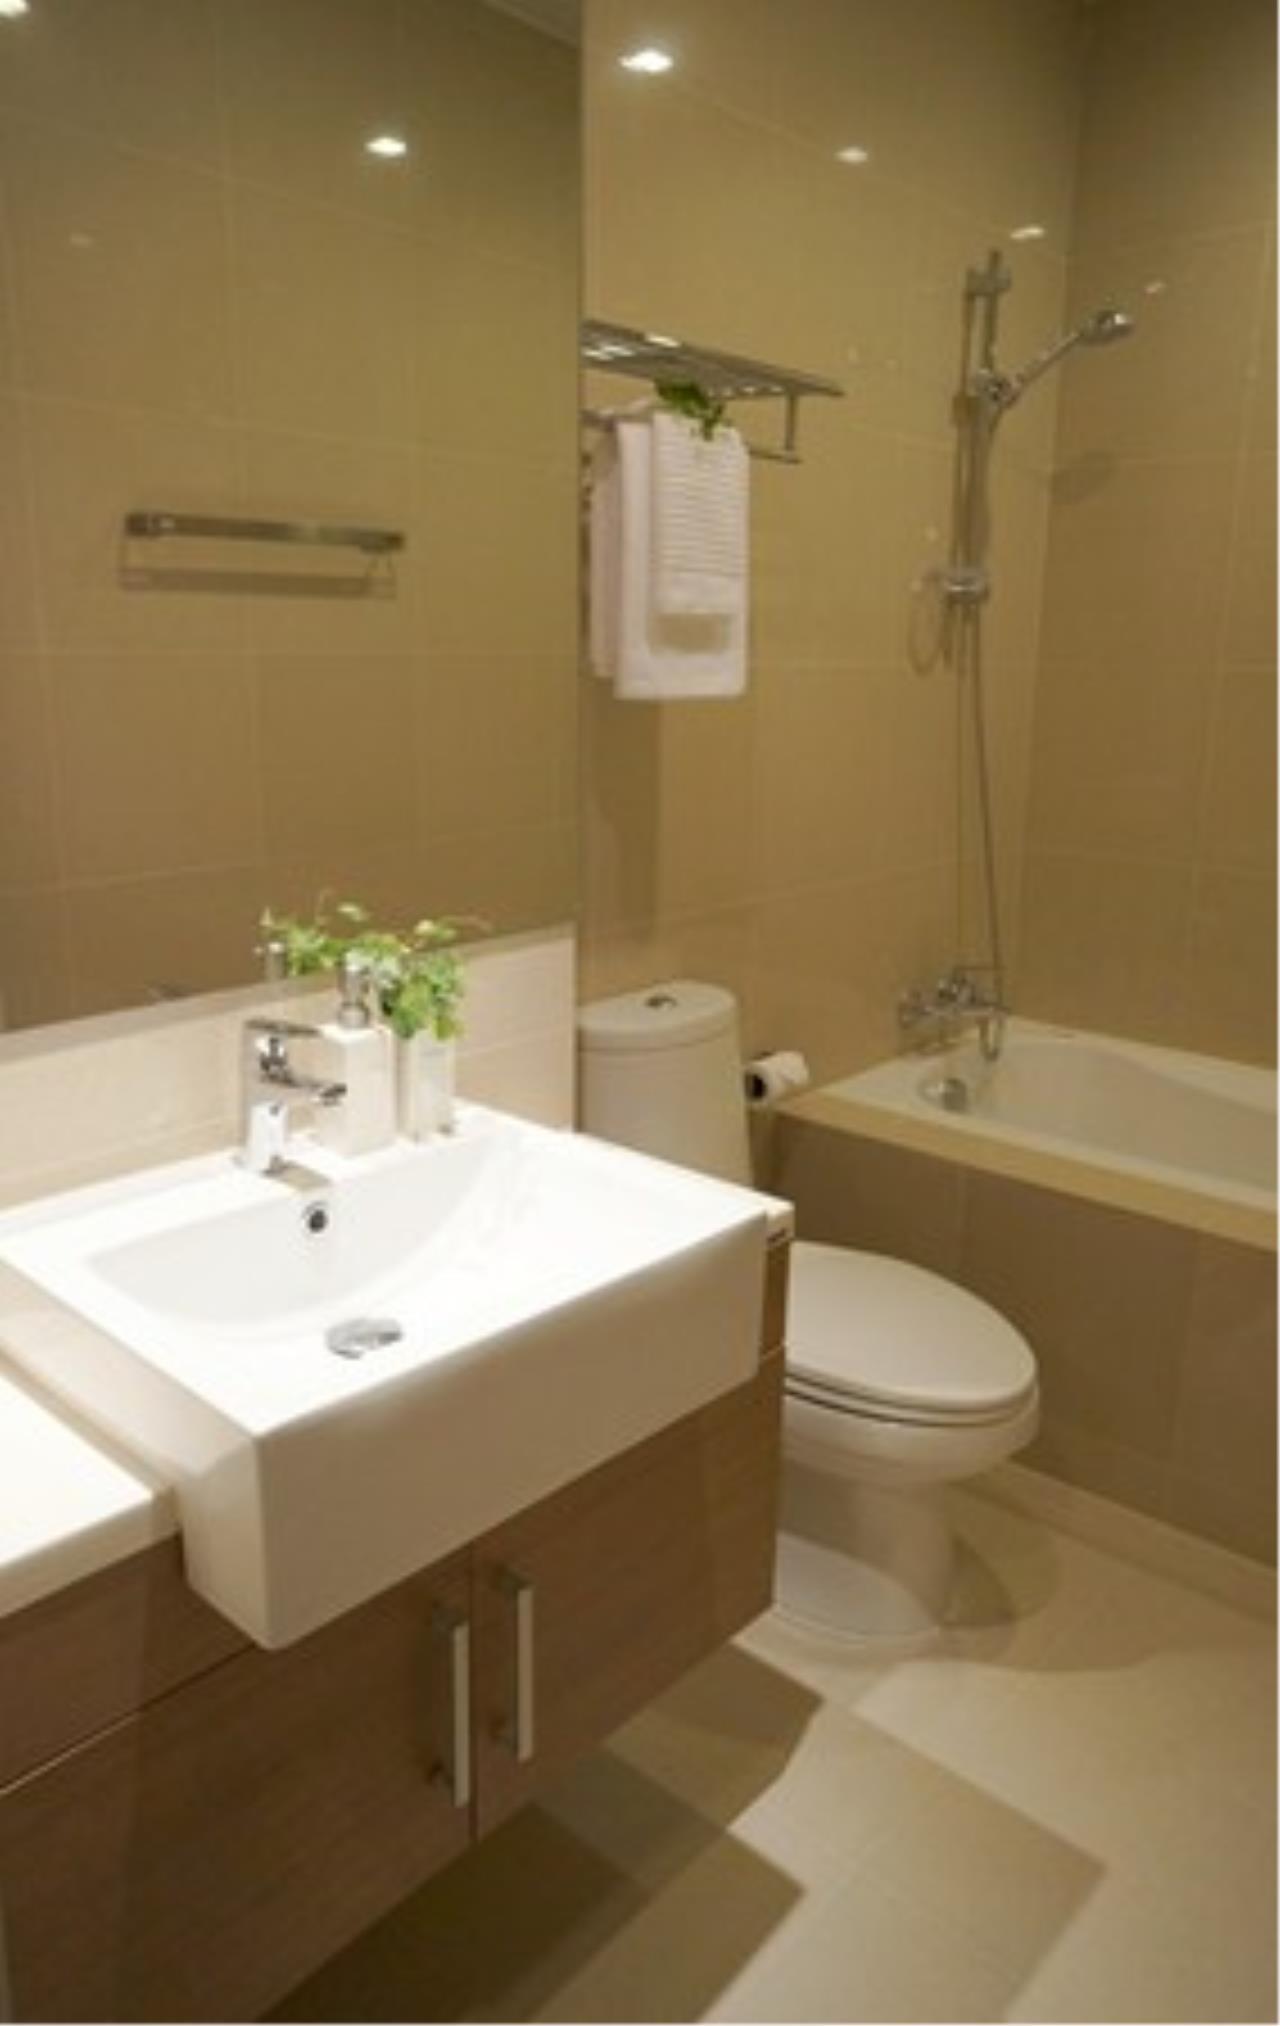 BKK Condos Agency's Nice one bedroom condo for rent Noble Refine 1